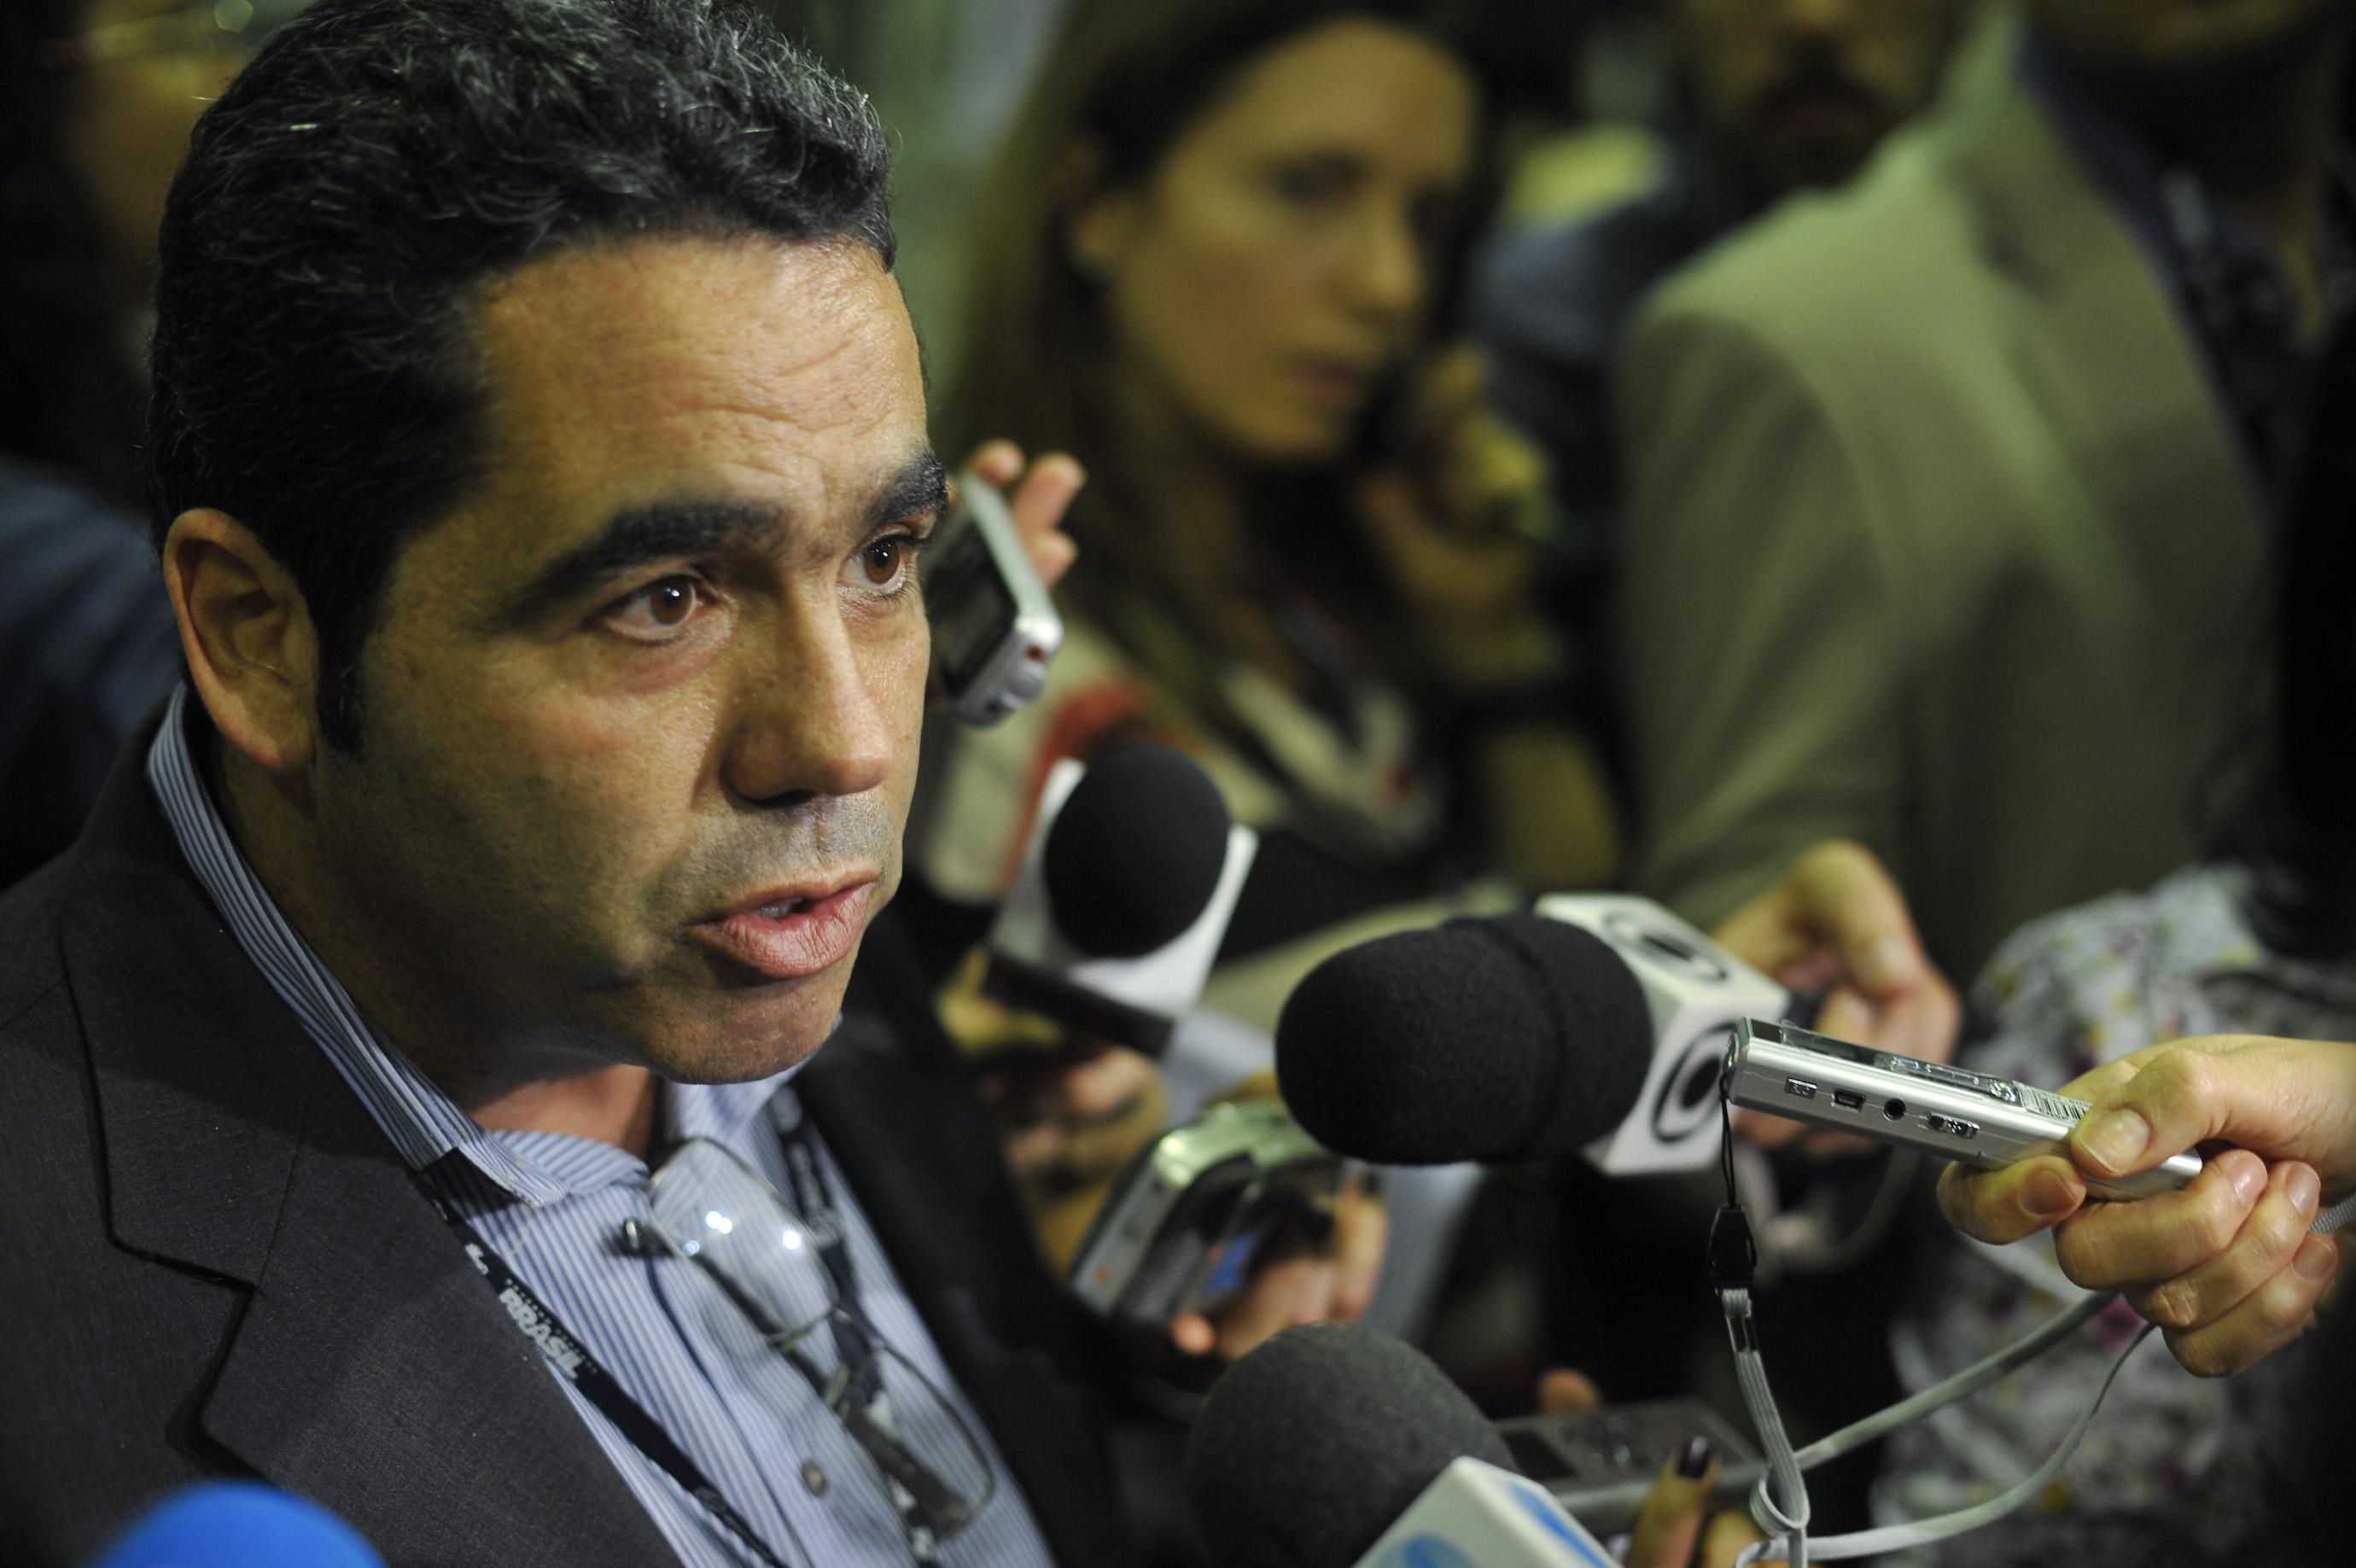 O diretor de Campanhas do Greenpeace Brasil, Marcelo Furtado, fala à imprensa sobre o documento final que está sendo discutido na Rio+20. Em nota, o movimento afirma que o rascunho do documento pode levar a Conferência sobre Desenvolvimento Sustentável ser chamada de